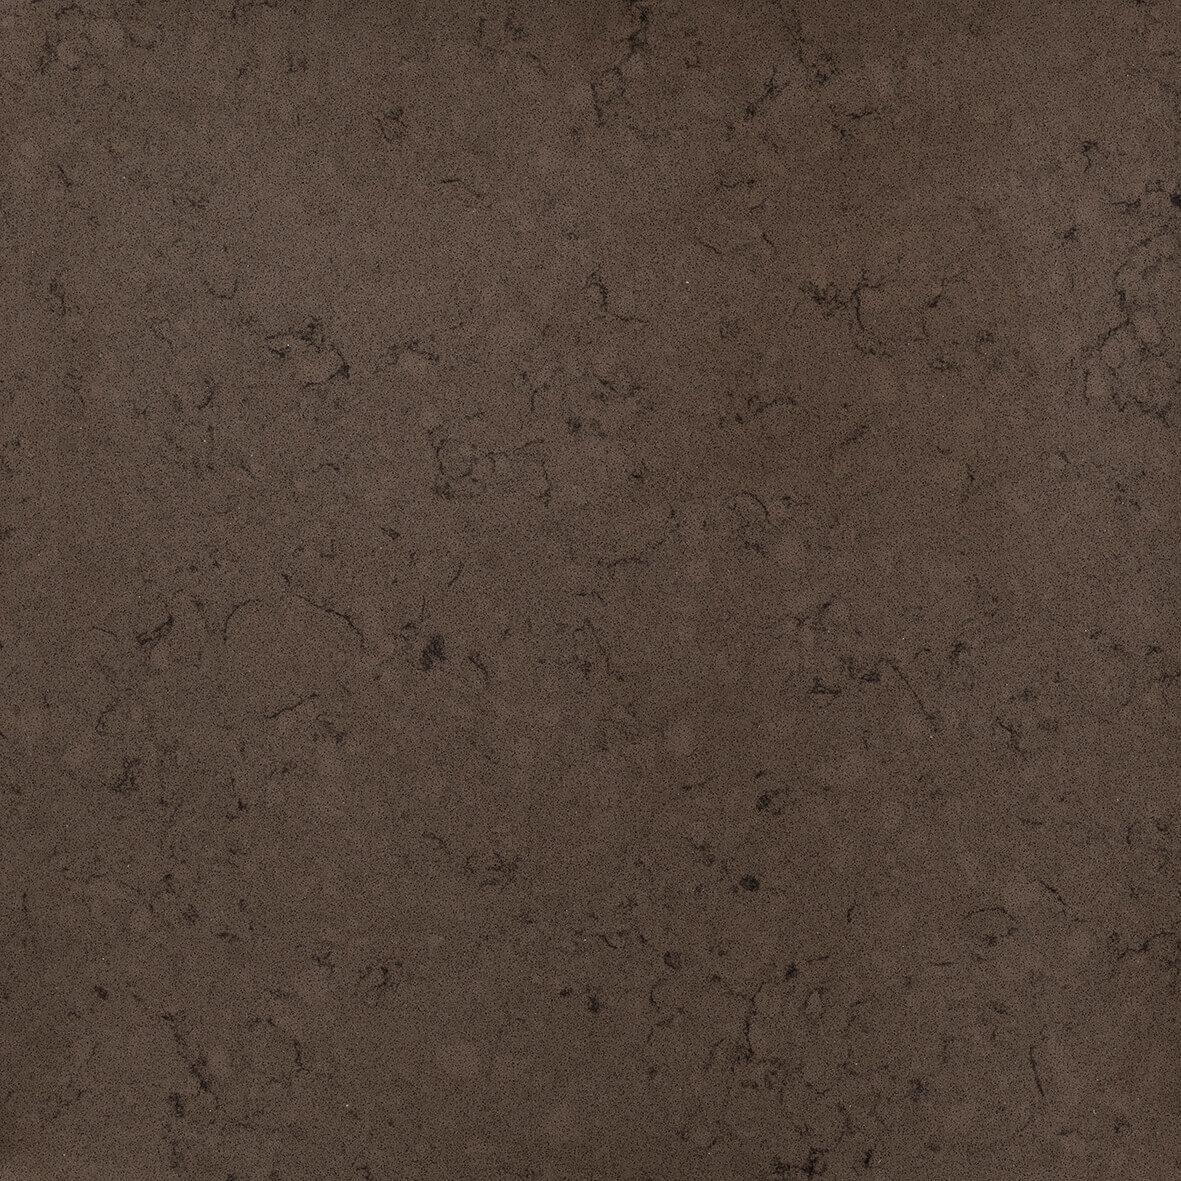 7633 Corona Brown